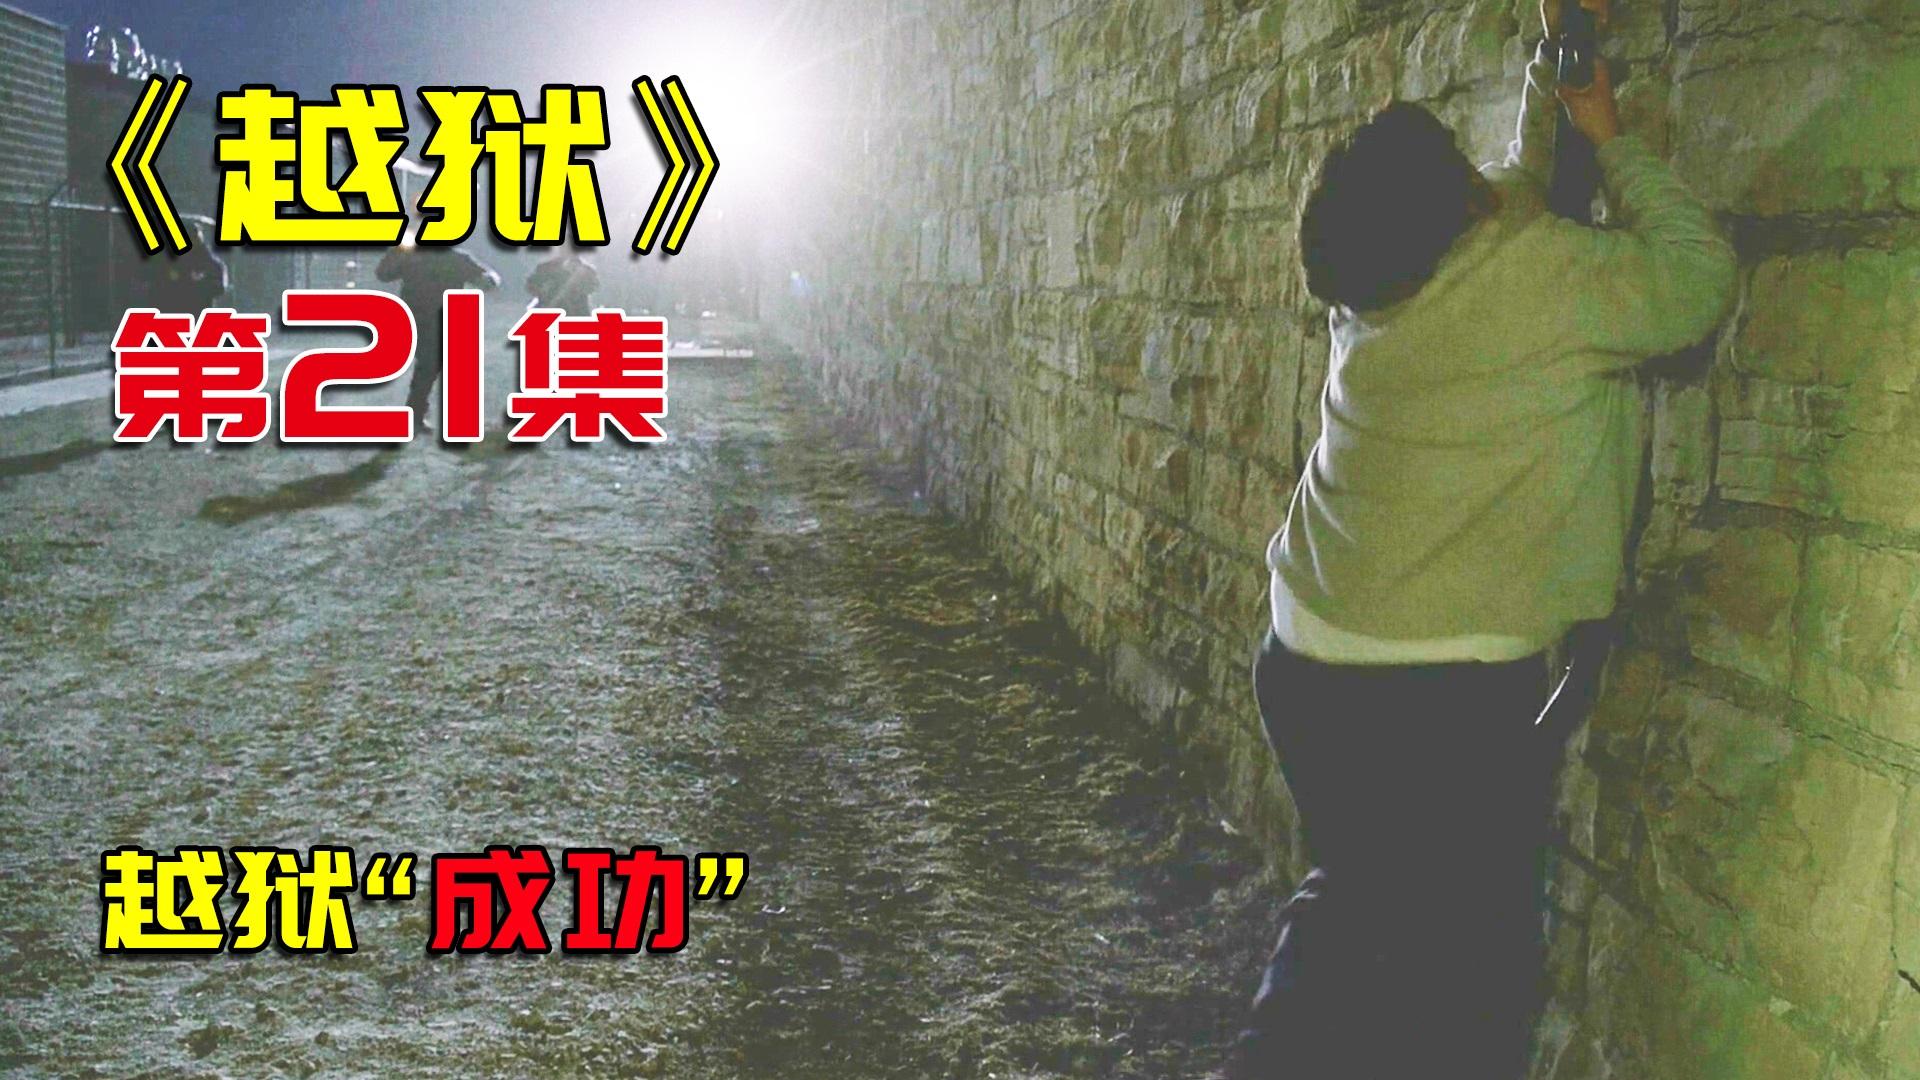 美剧《越狱》21集,工程师胁迫典狱长,越狱小队越狱成功